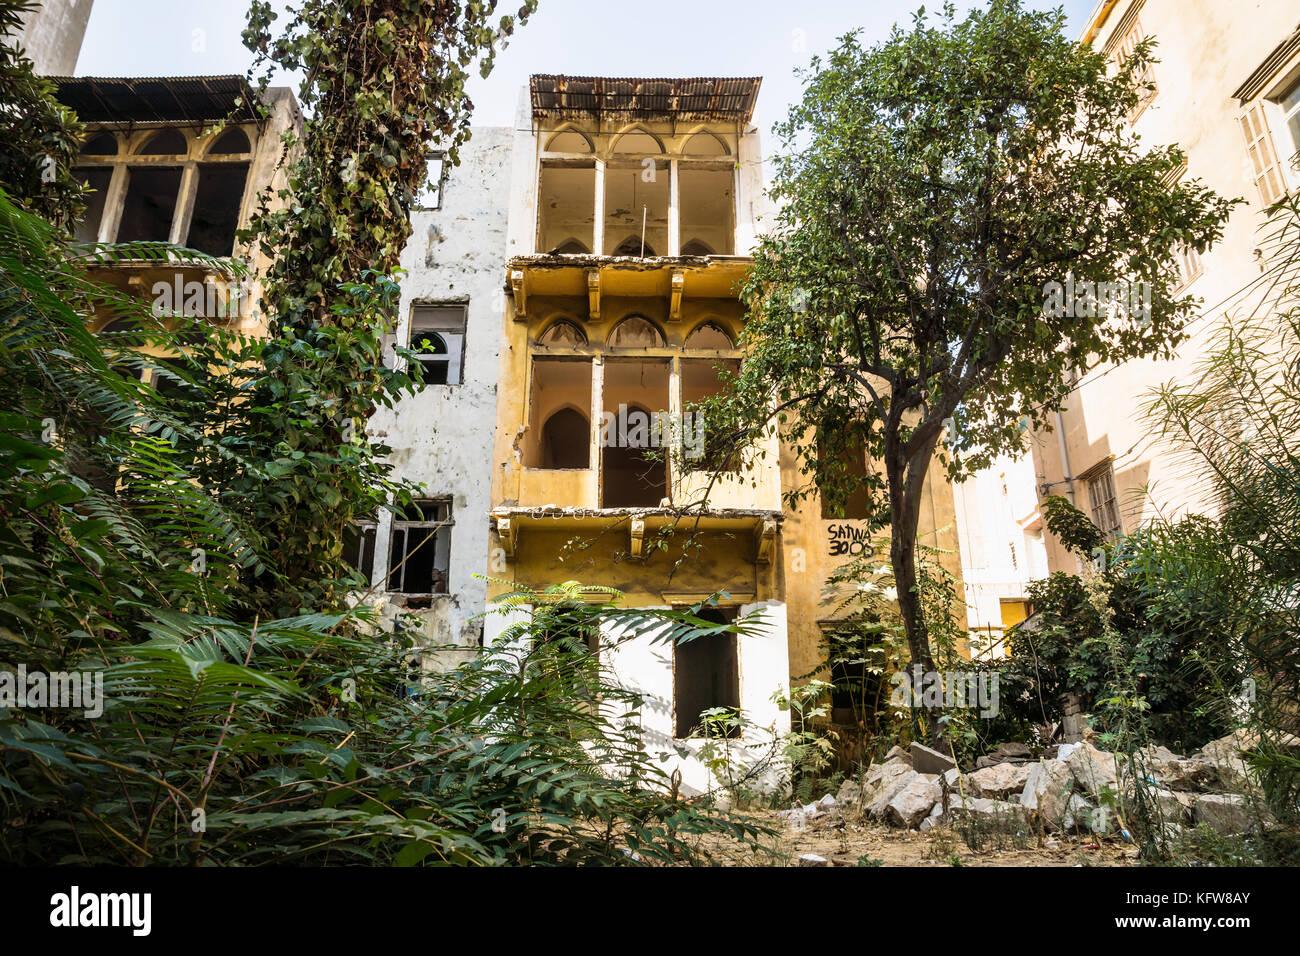 Le rovine di una tradizionale casa libanese circondato da alberi e cespugli a Beirut, Libano Foto Stock